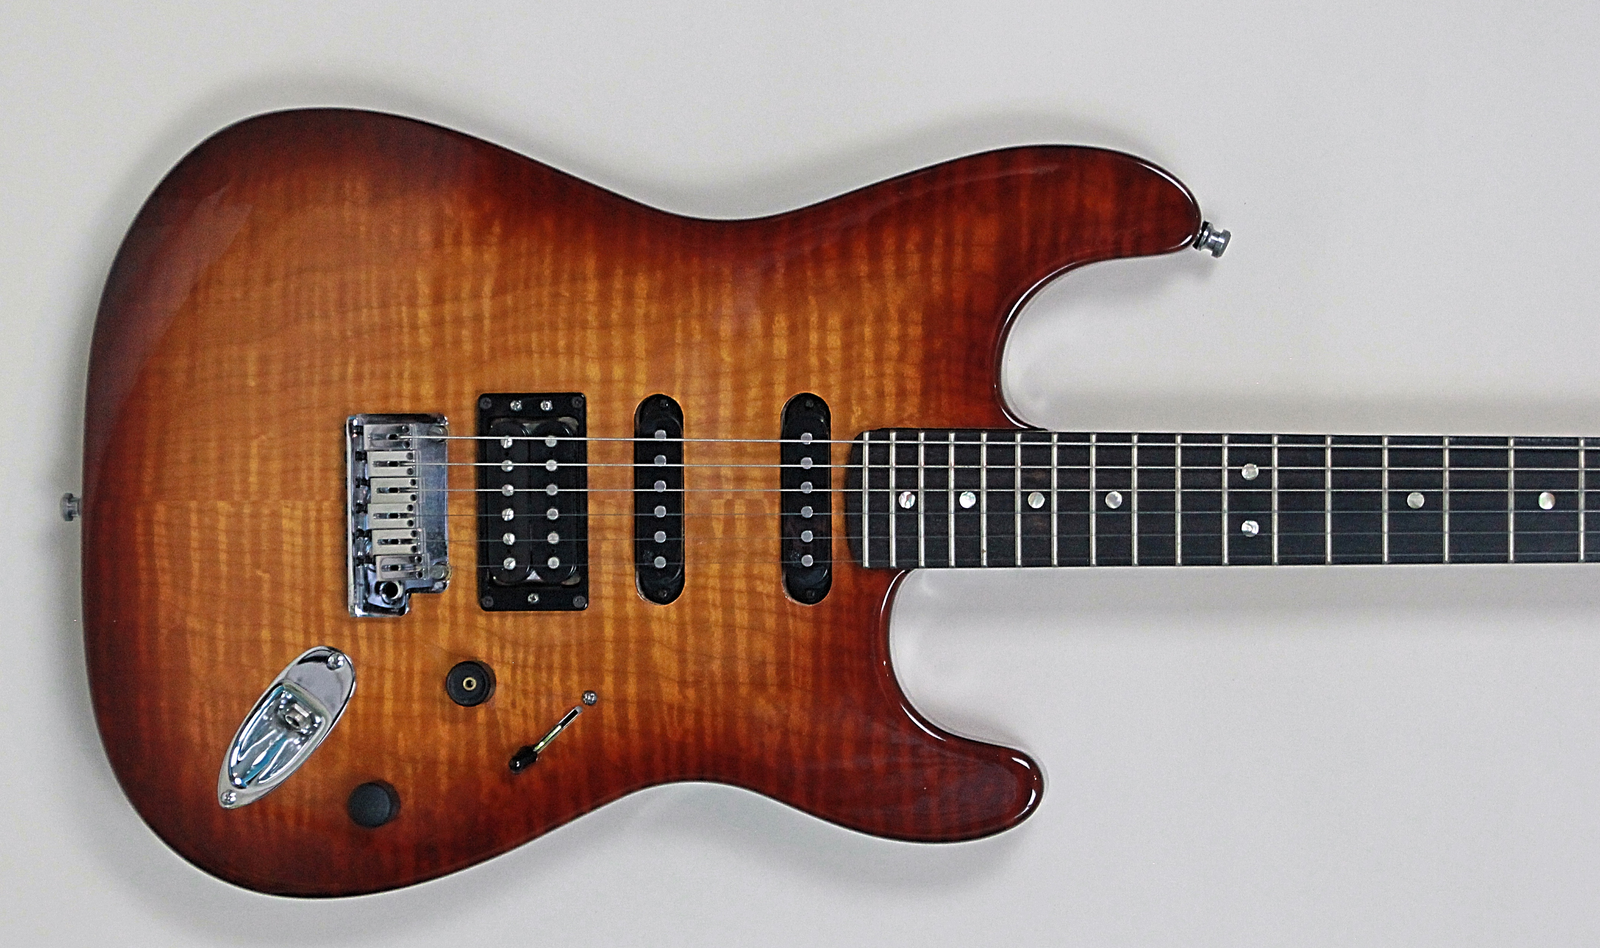 Taylor Guitars For Sale >> 2009 Fender Deluxe FMT Stratocaster HSS - Vintage & Modern Guitars